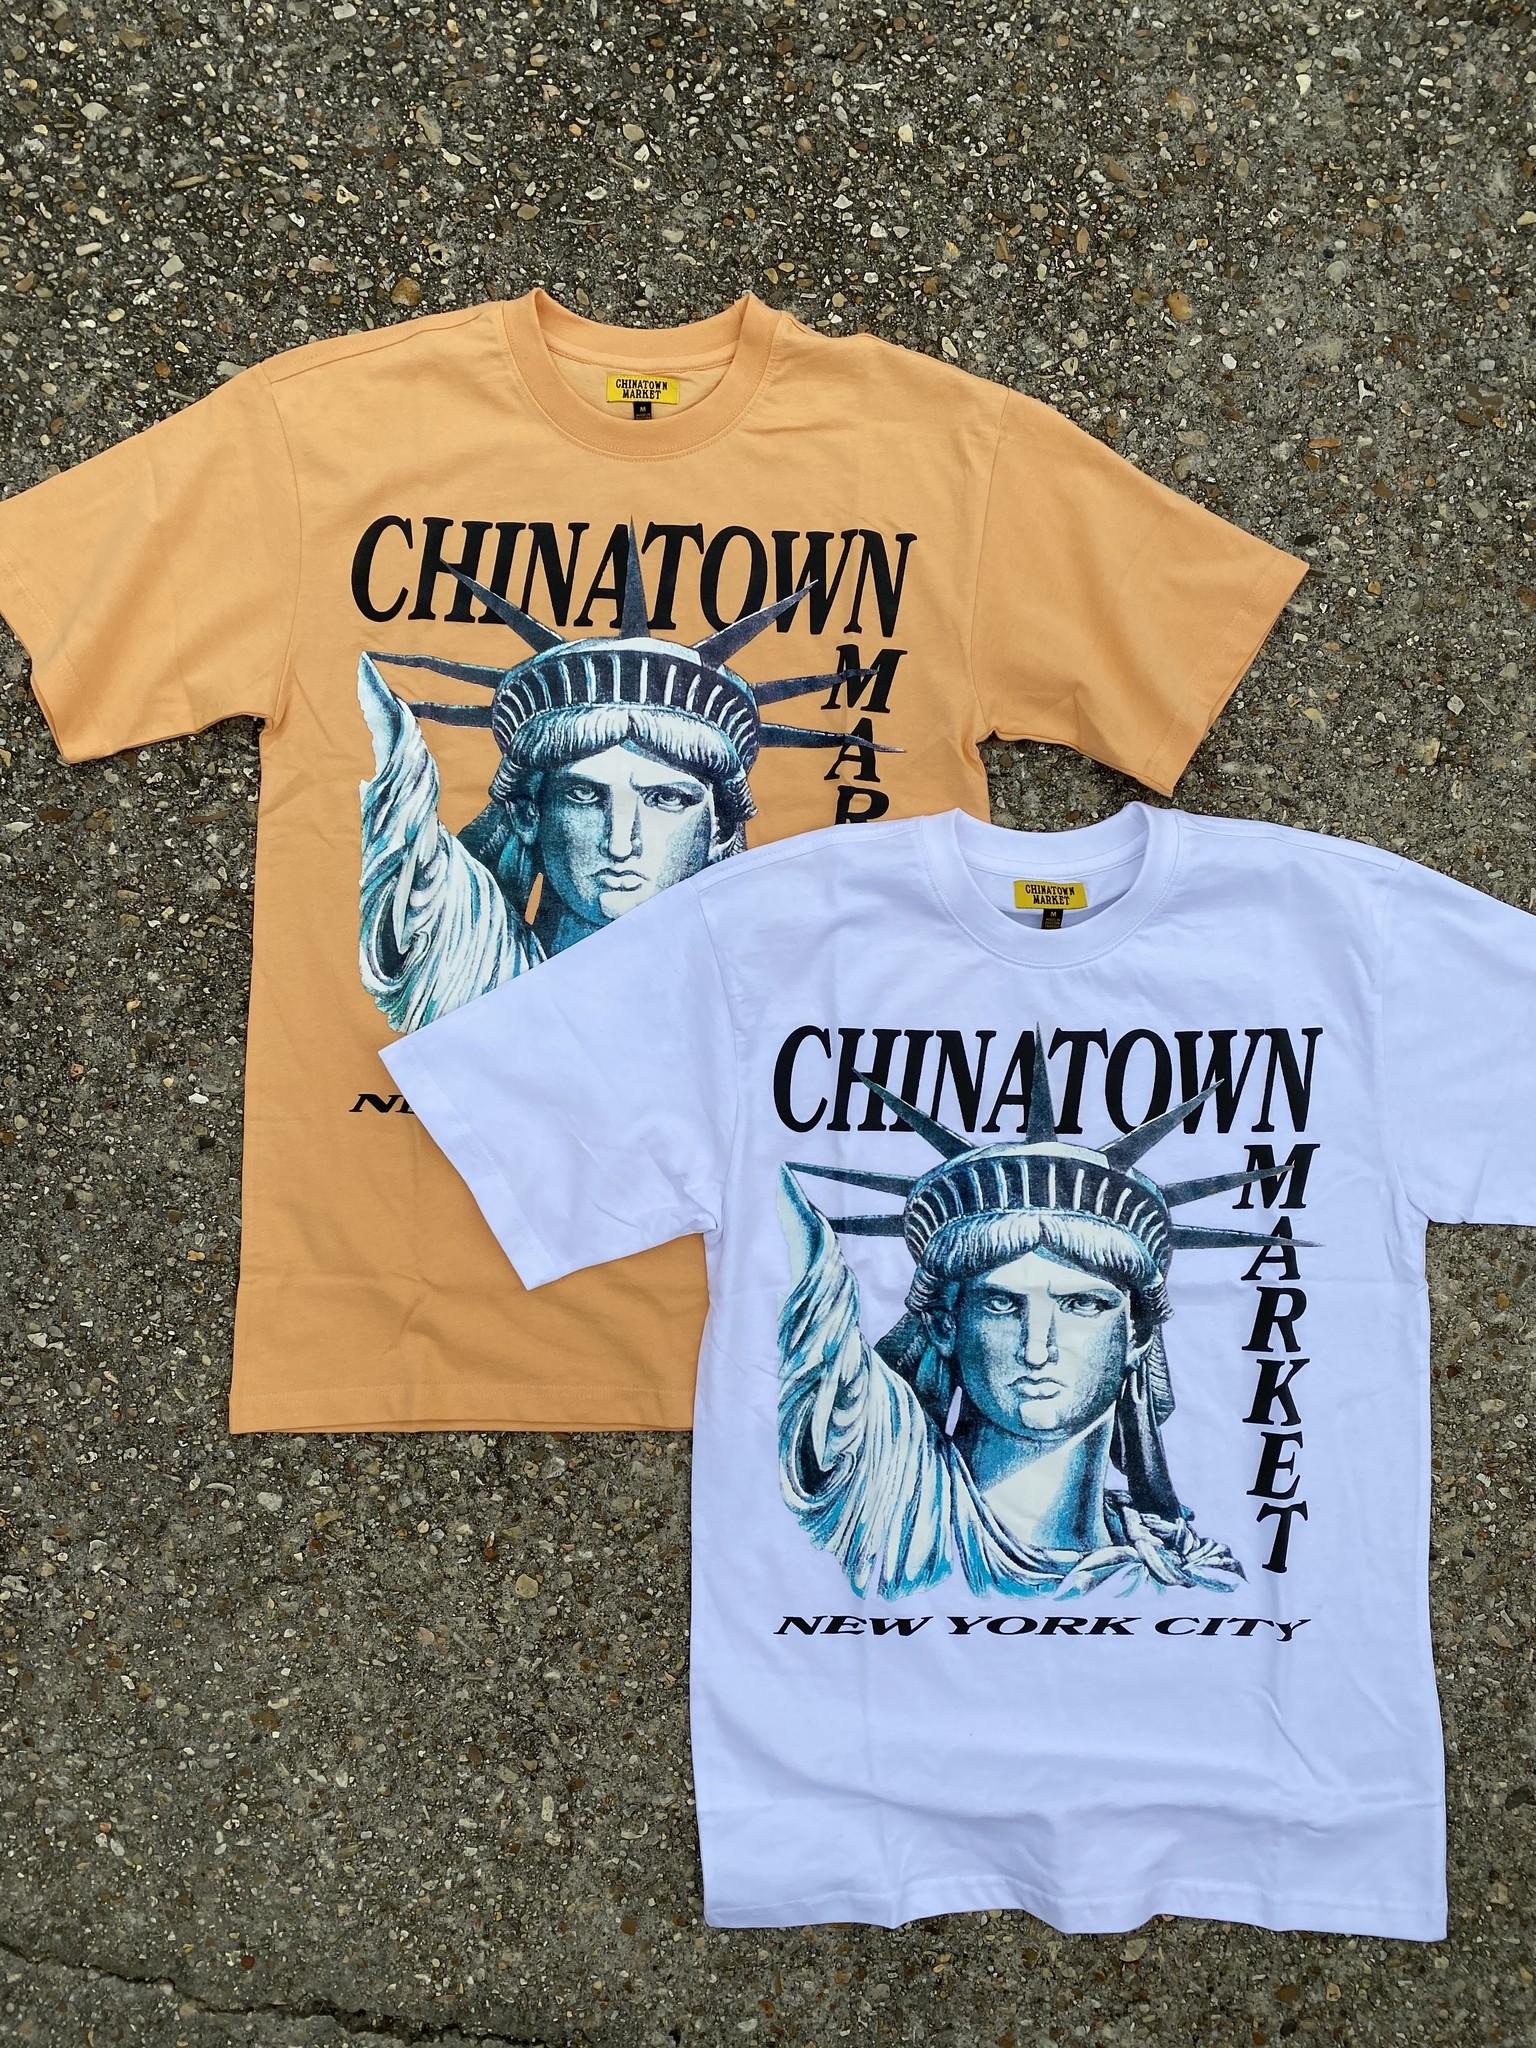 Chinatown Market NYC Tee